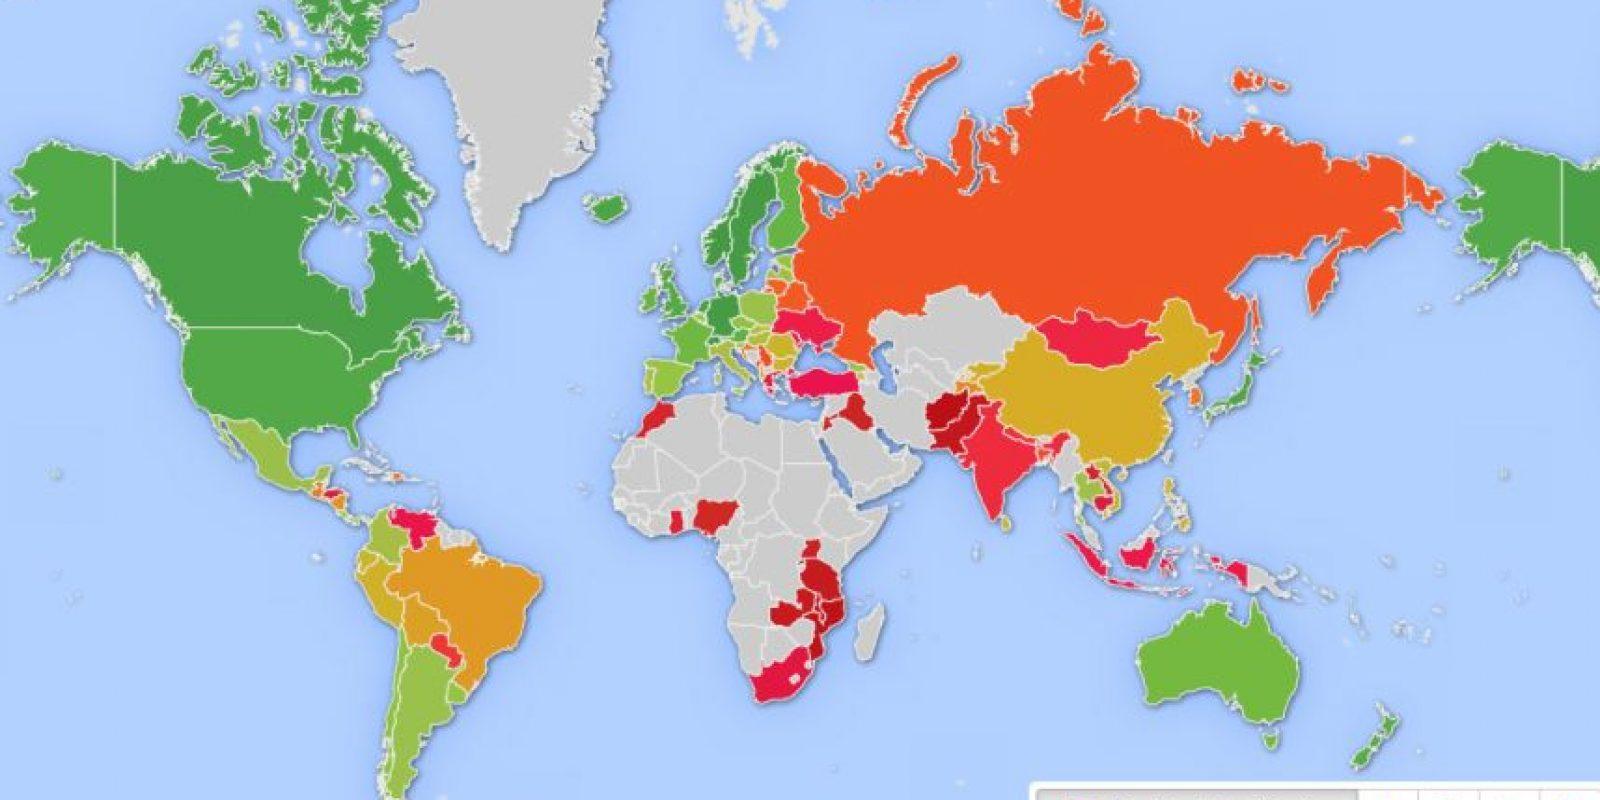 Así tiene clasificado a los países HelpAge Internacional. Foto:Vía helpage.org